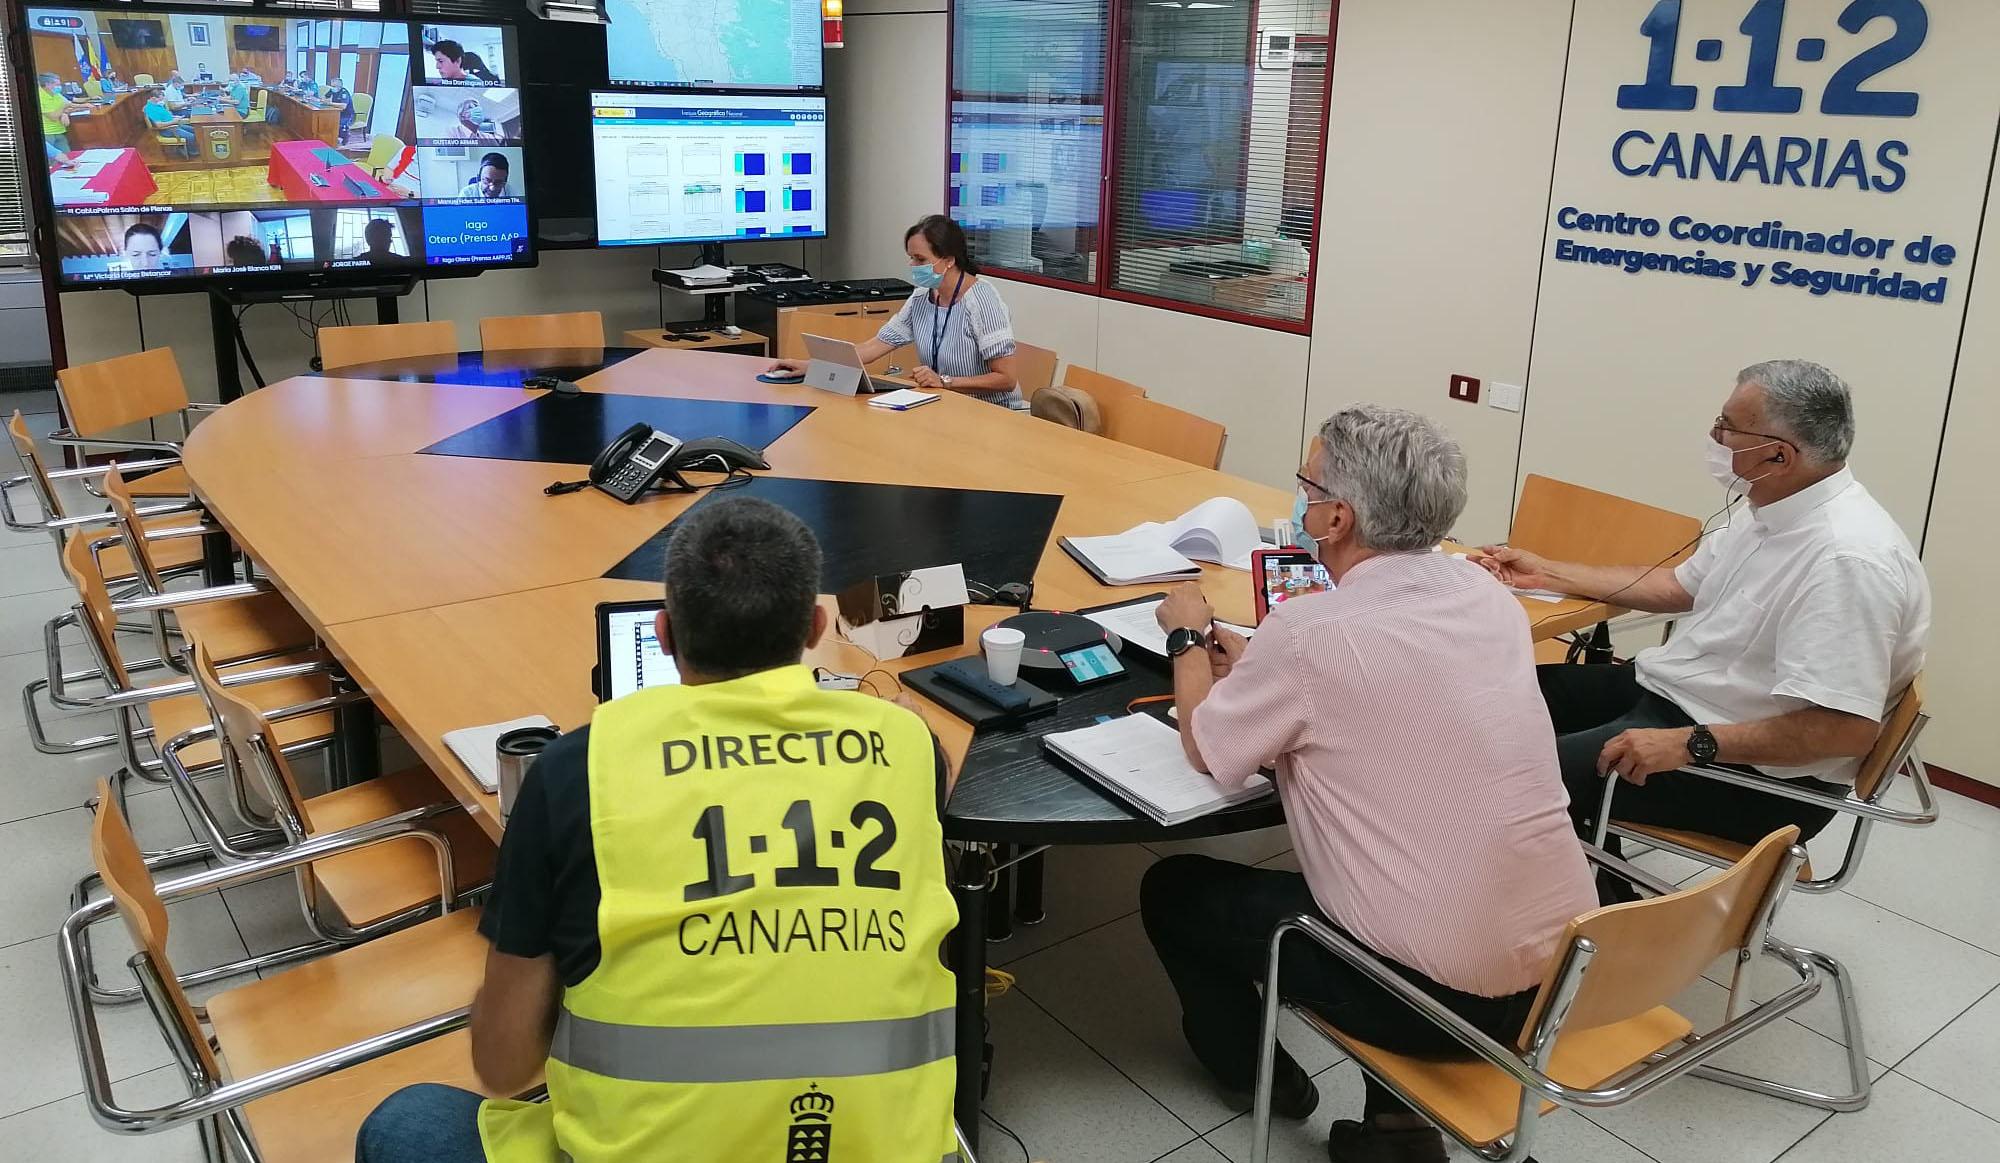 La Dirección del PEVOLCA comienza la evacuación preventiva de personas con movilidad reducida en núcleos de riesgo